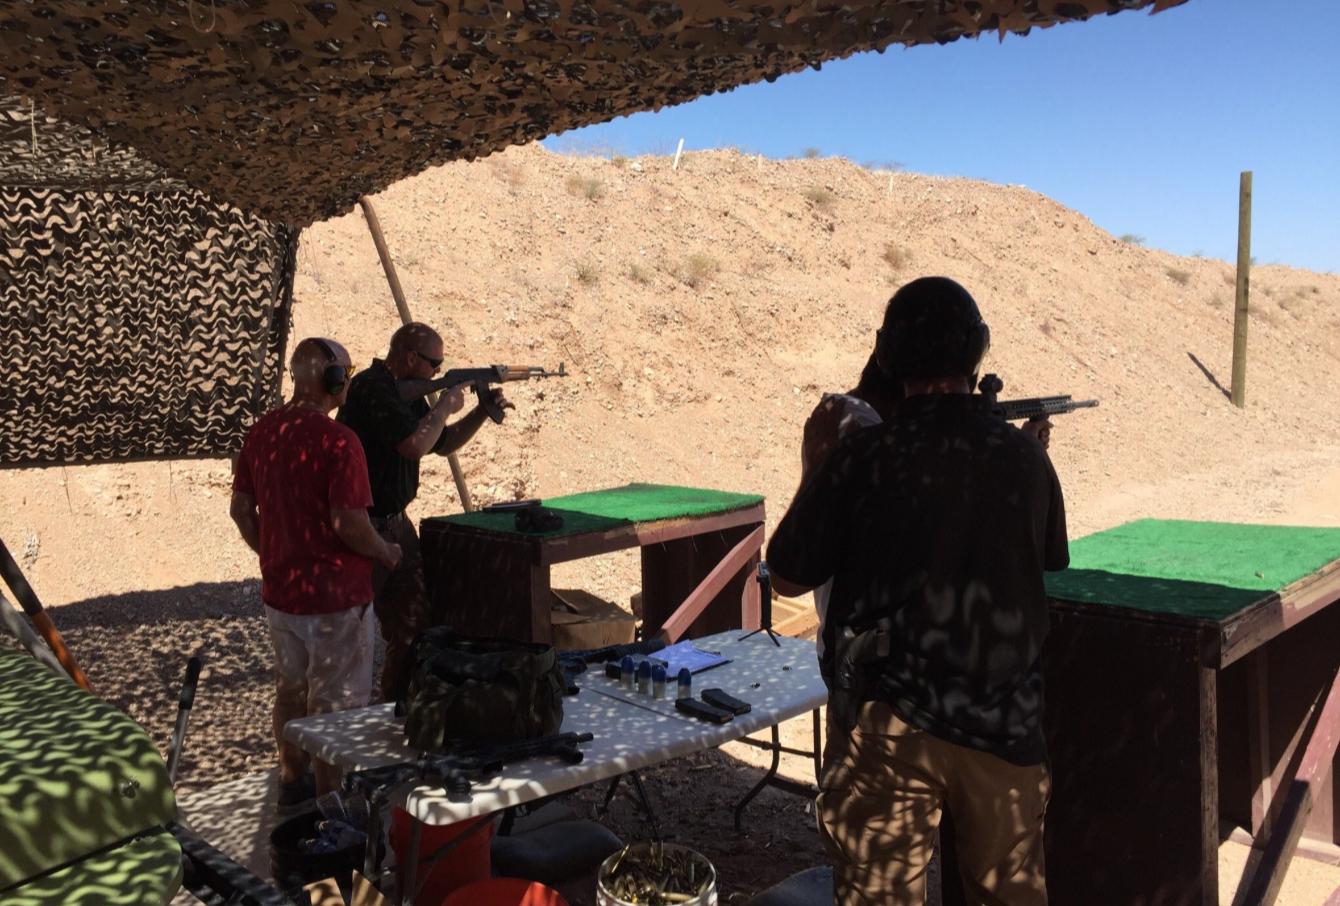 Las Vegas Gun Range Shooting